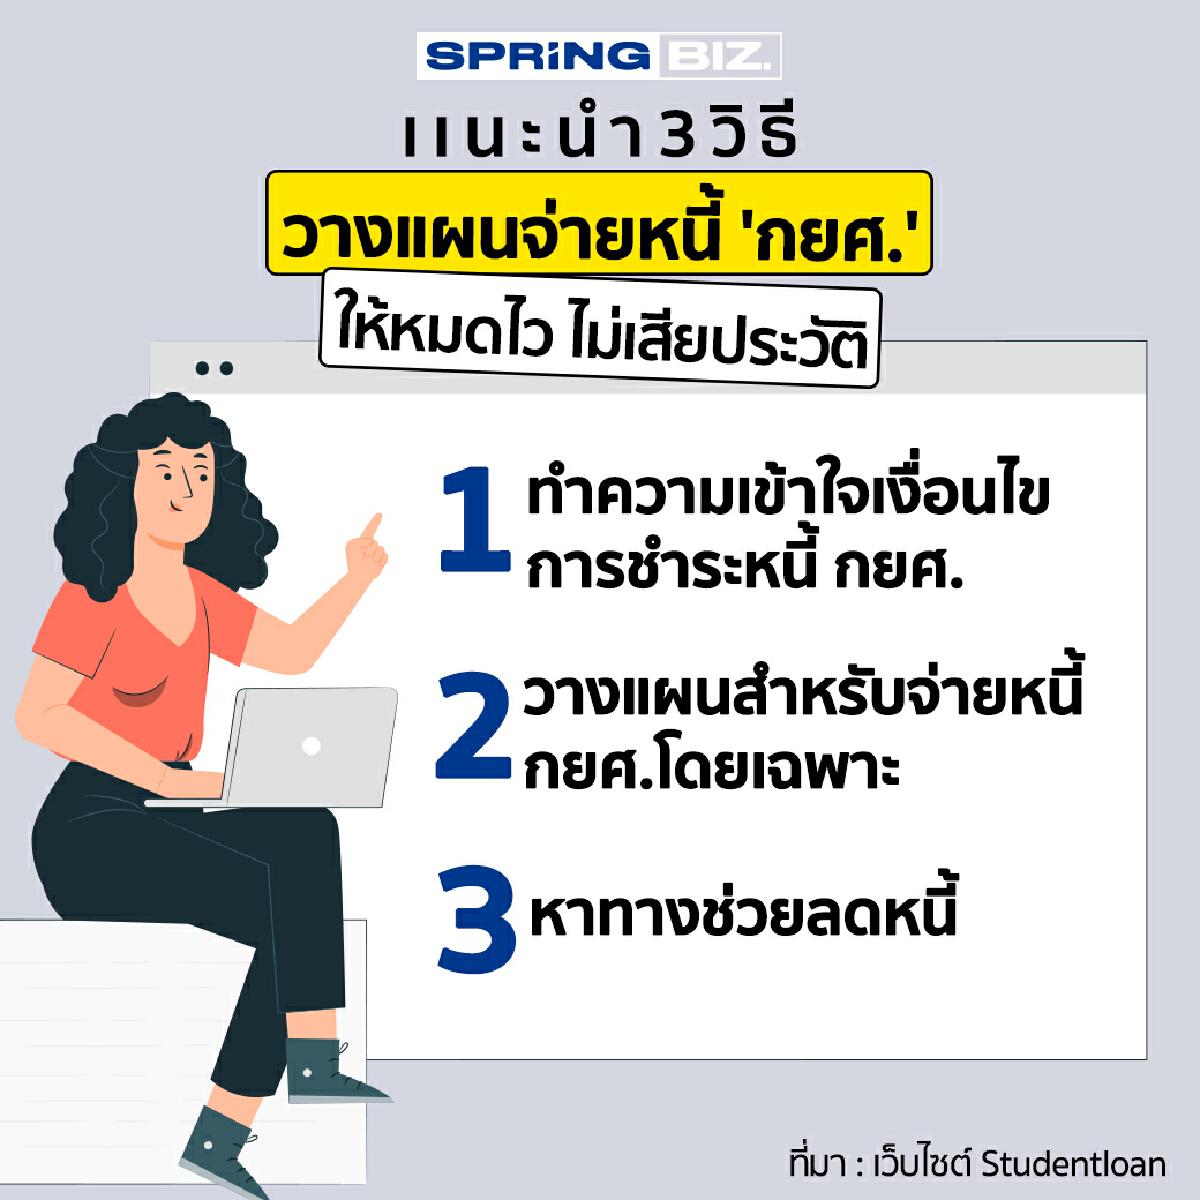 แนะนำ 3 วิธีวางแผนจ่ายหนี้ กยศ. ให้หมดไว ไม่เสียประวัติ